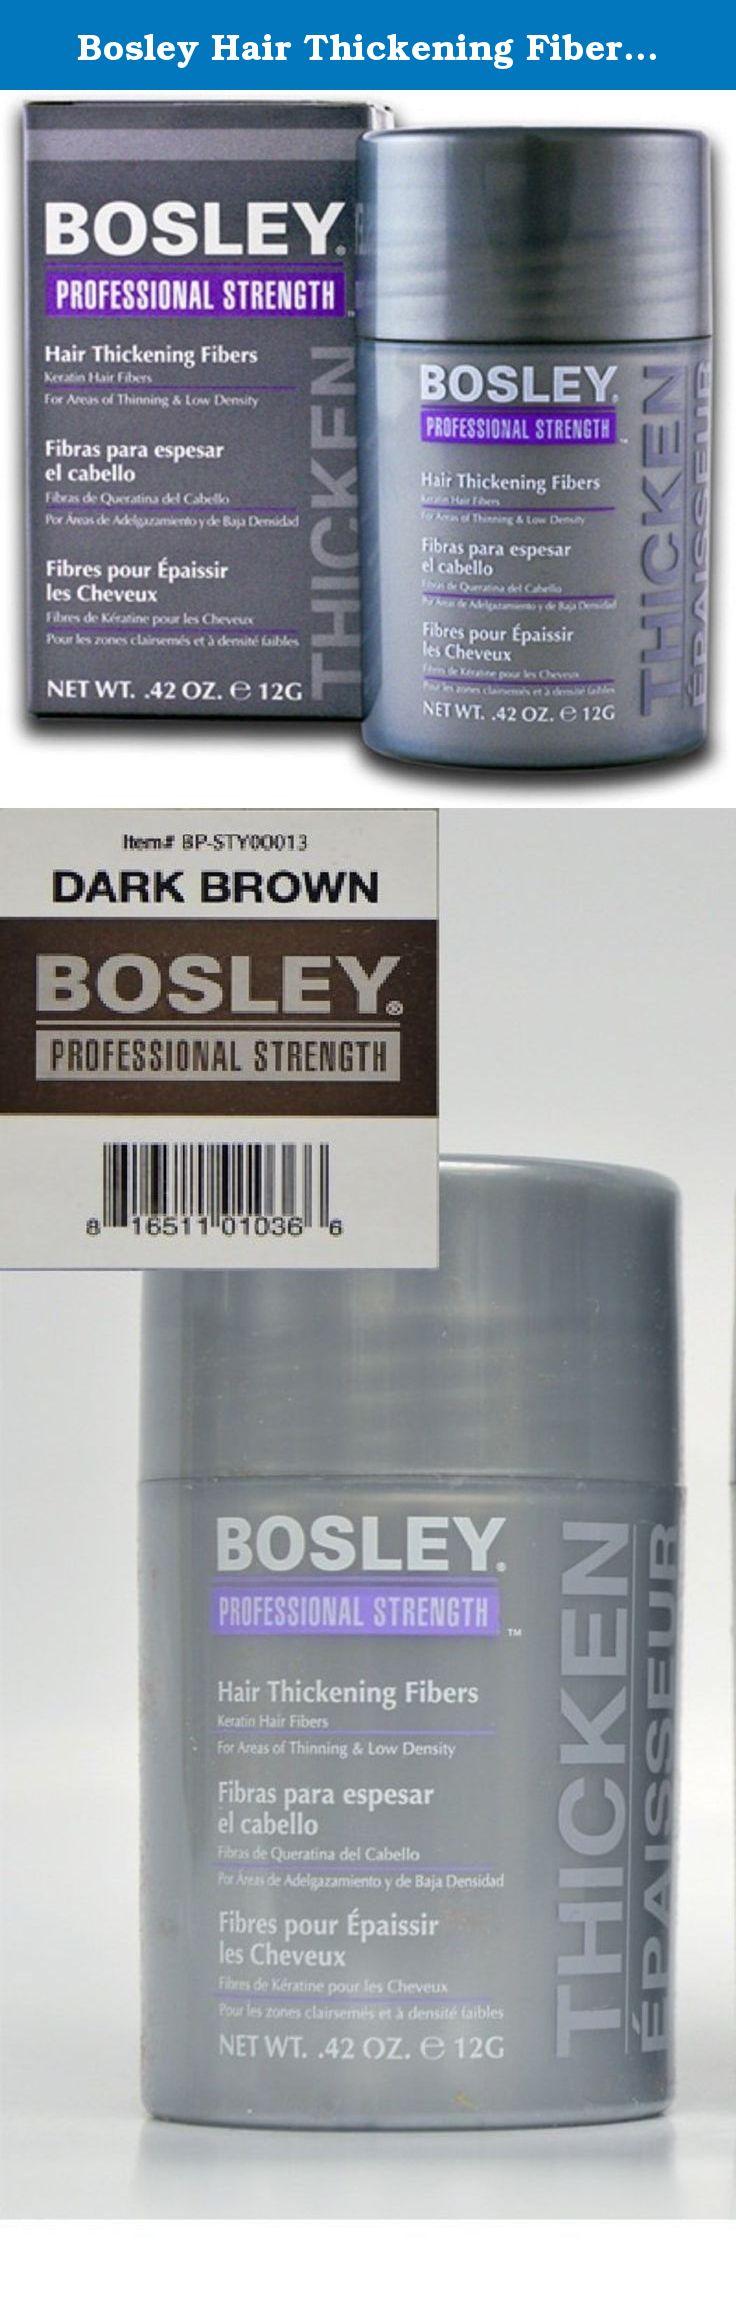 Bosley Hair Thickening Fibers Keratin Hair Fibers .42 oz